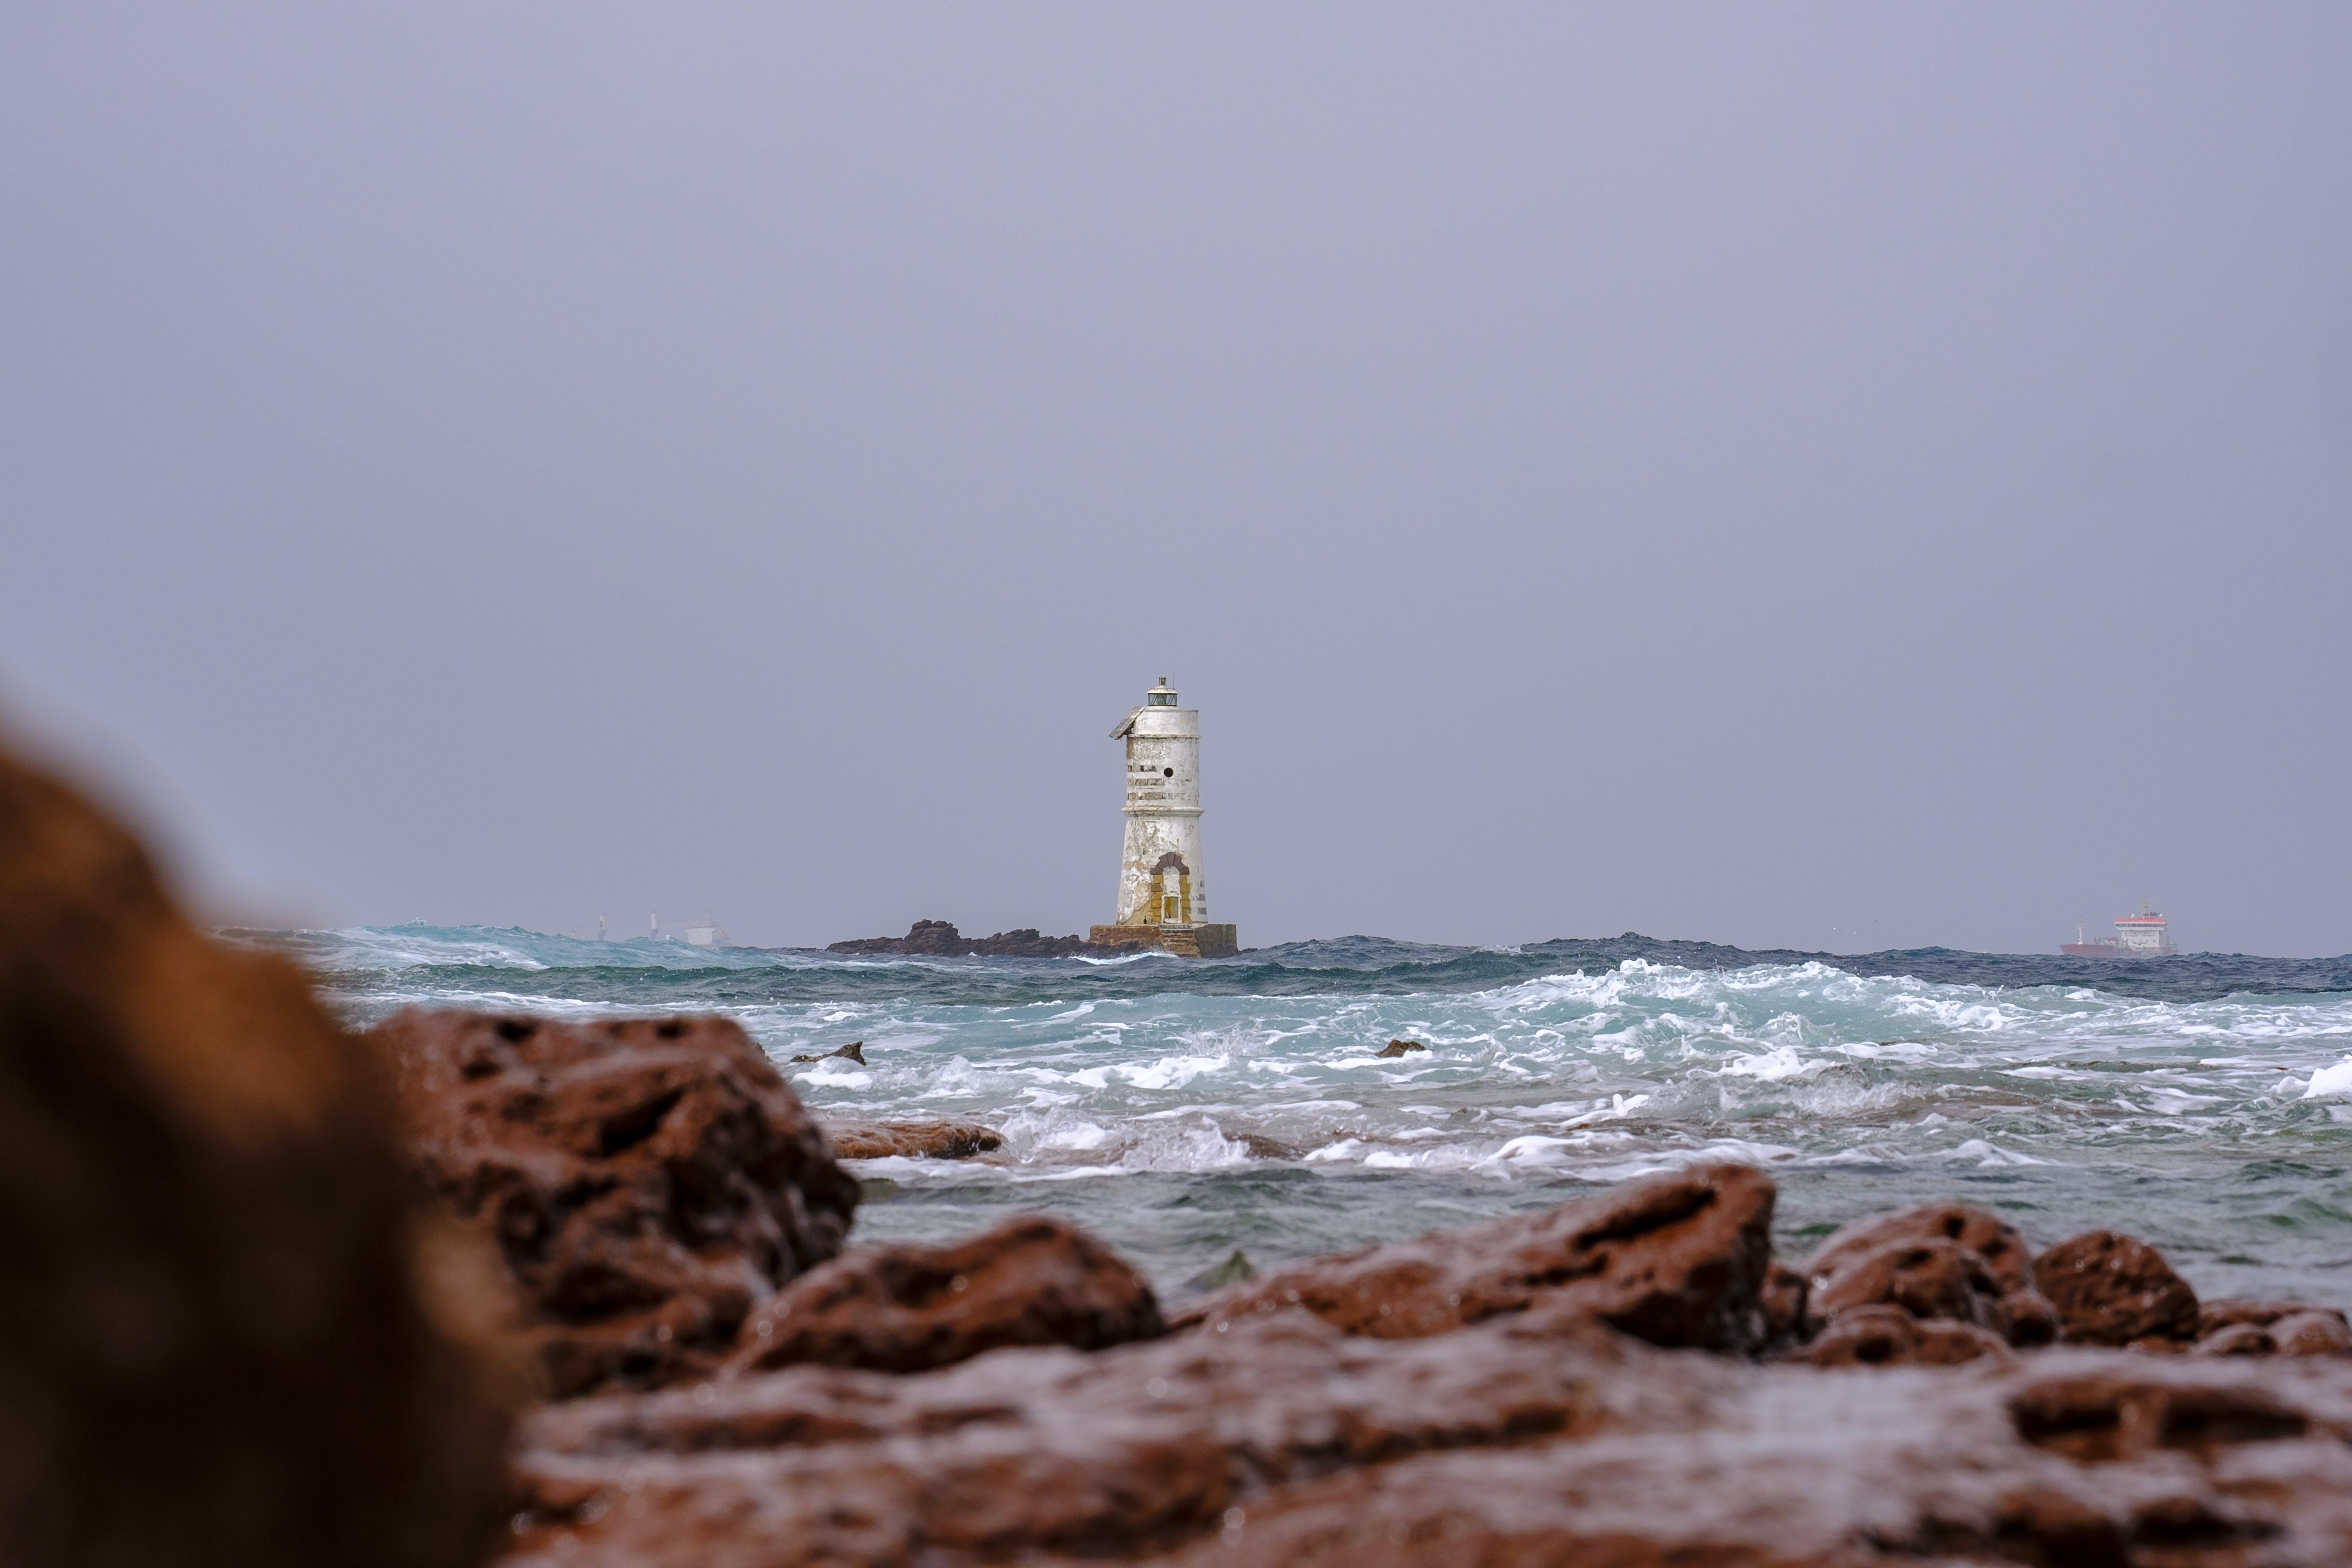 Gratis stockfoto met attractie, buiten, eiland, gebied met water